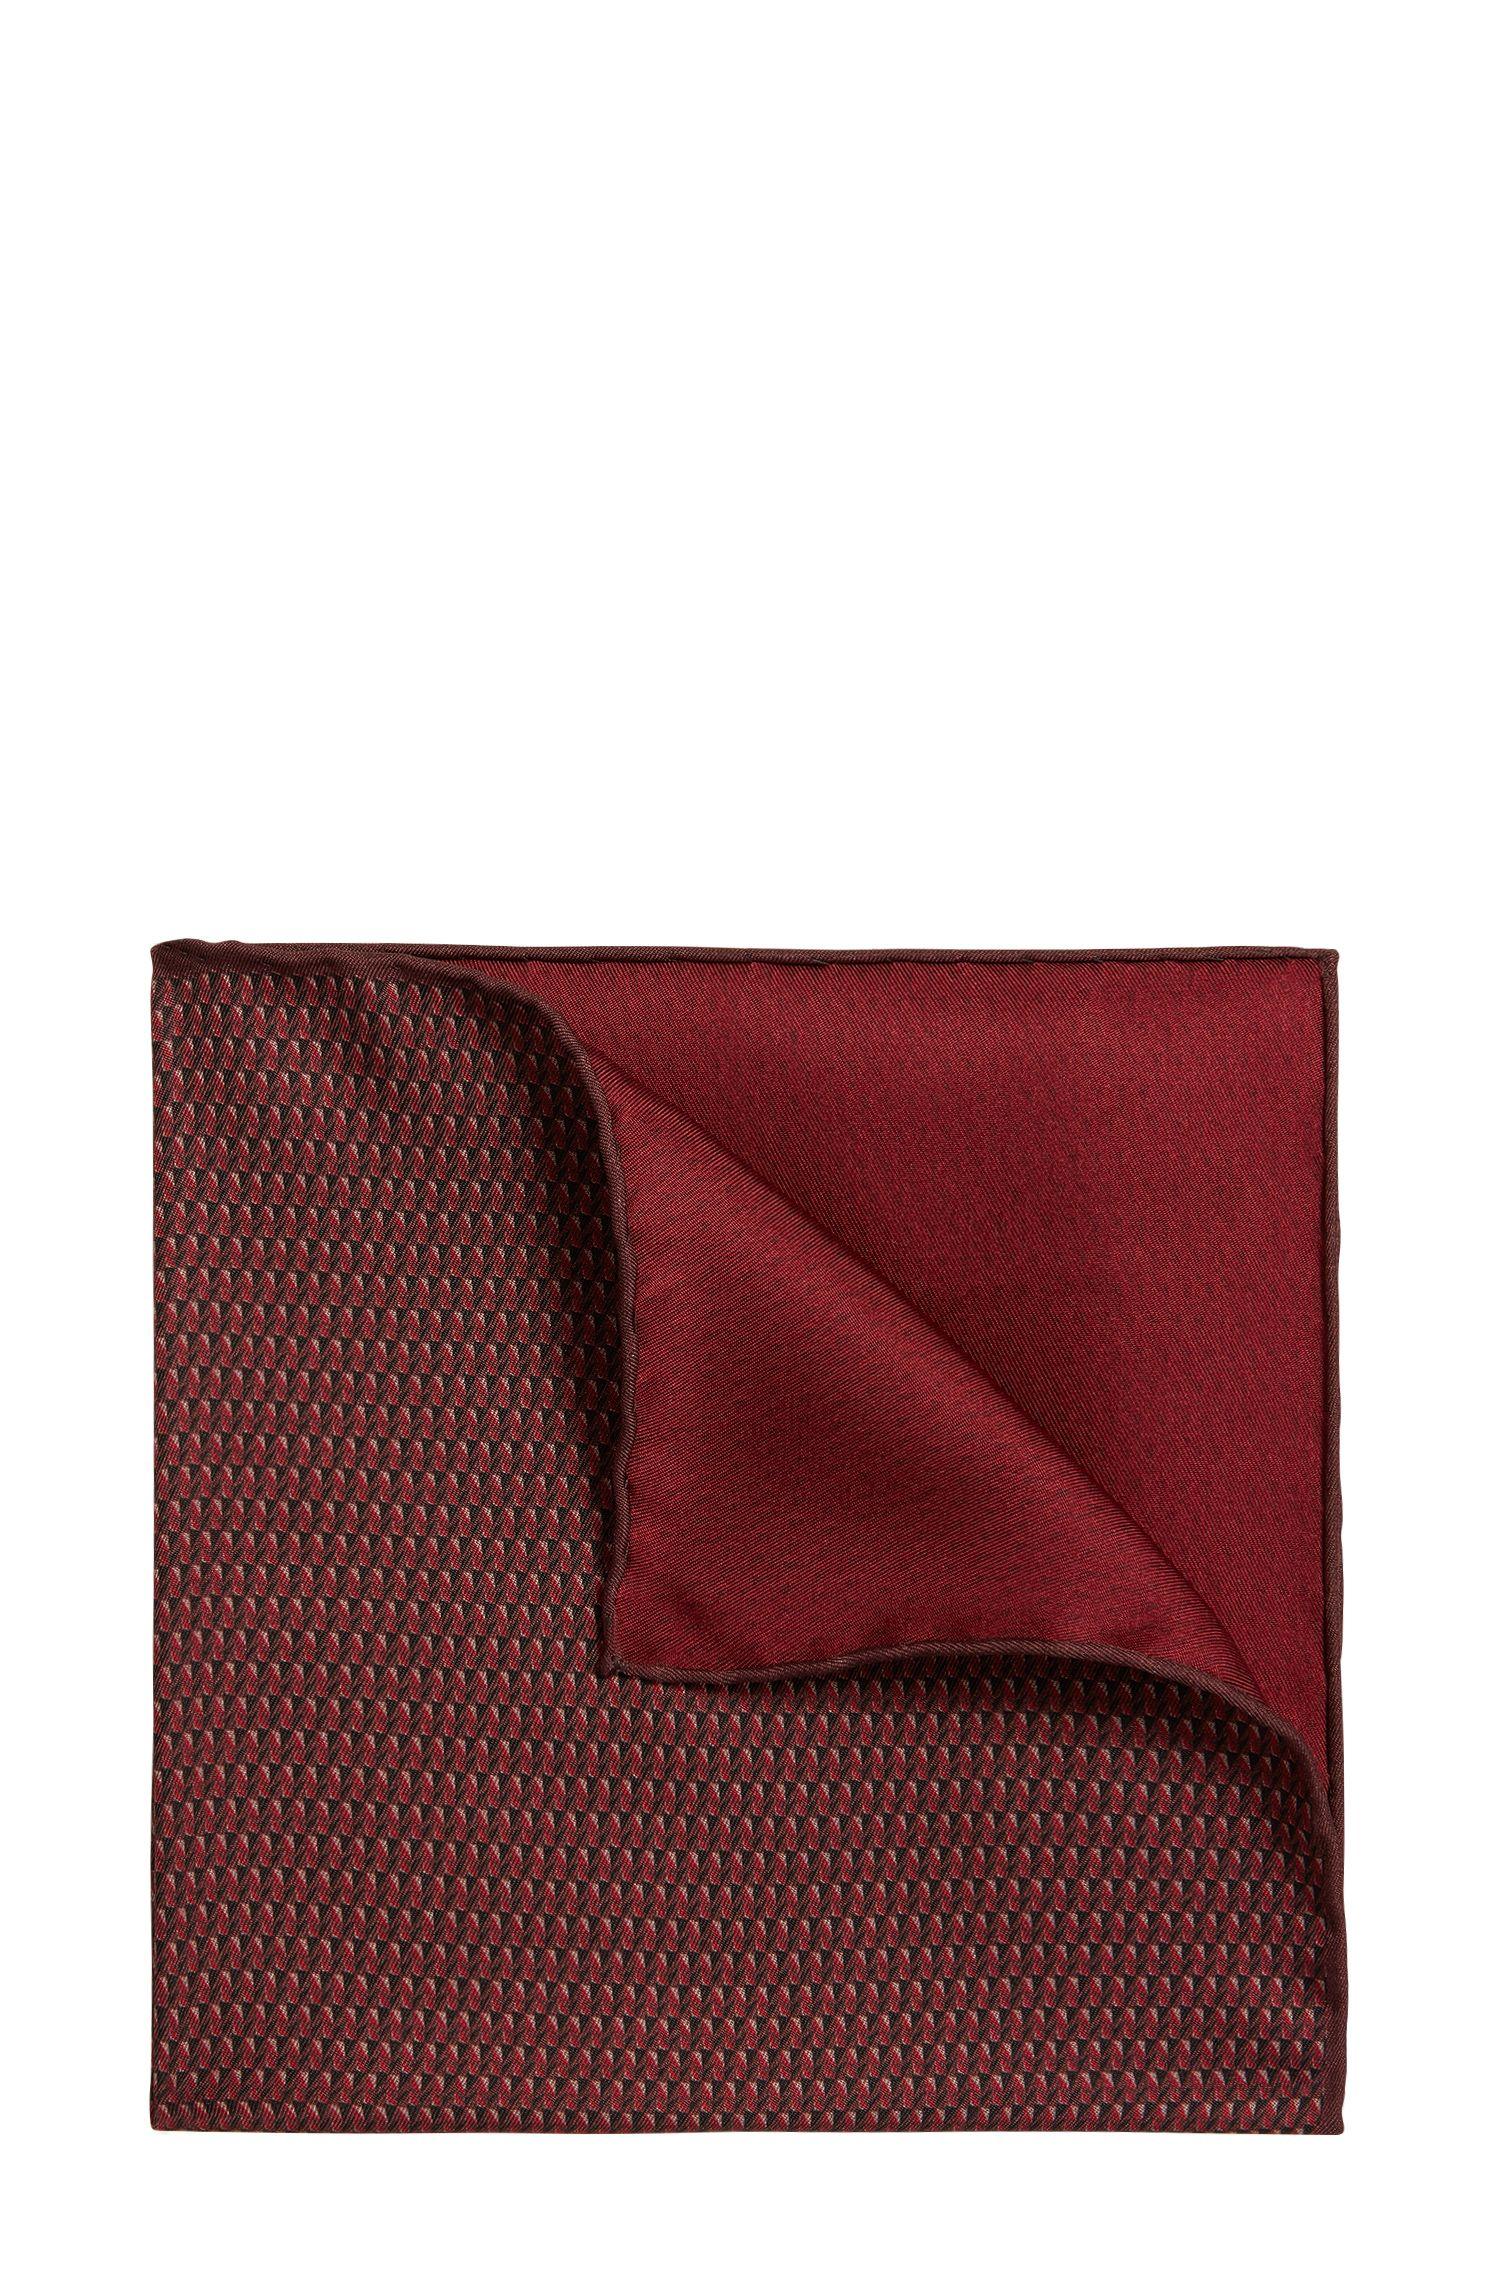 Gemustertes Tailored Einstecktuch aus Seide: 'T-Pocket sq. cm 33x33'